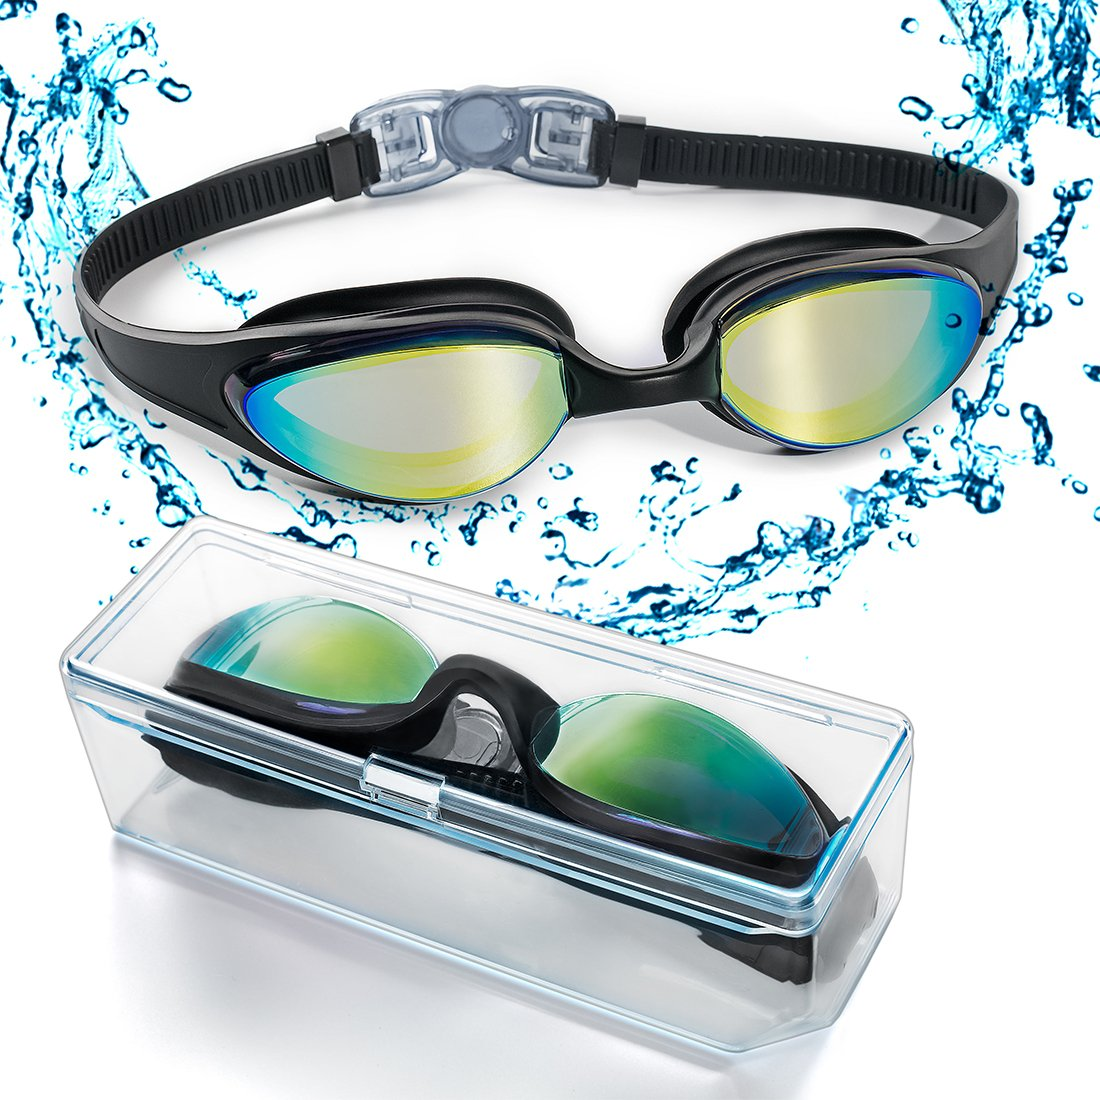 e0a11c679246 Occhialini da nuoto, occhialini da nuoto con ponte nasale morbido e  flessibile e lenti colorate